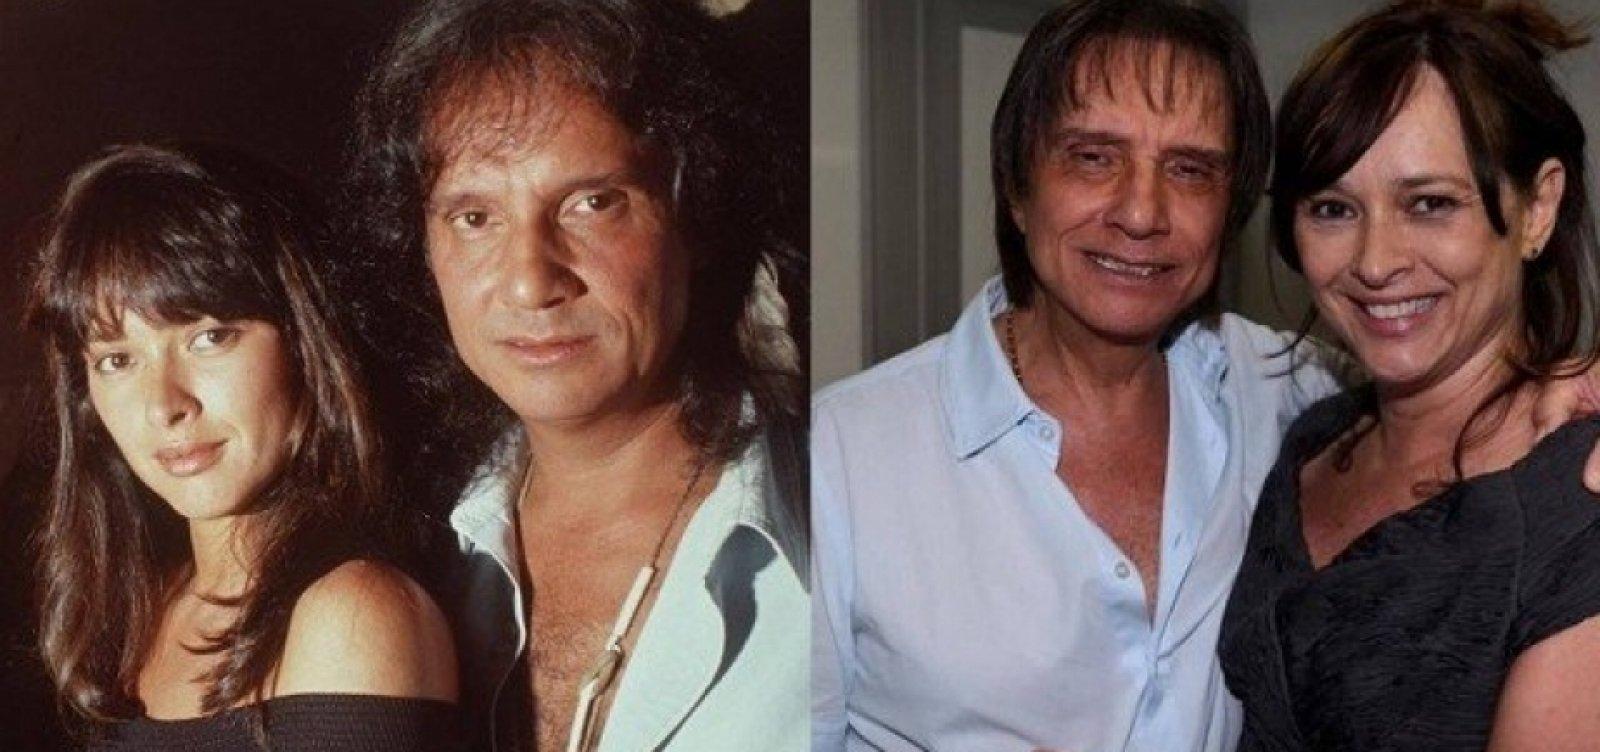 Myrian Rios revela motivo da separação de Roberto Carlos: 'Fez vasectomia'